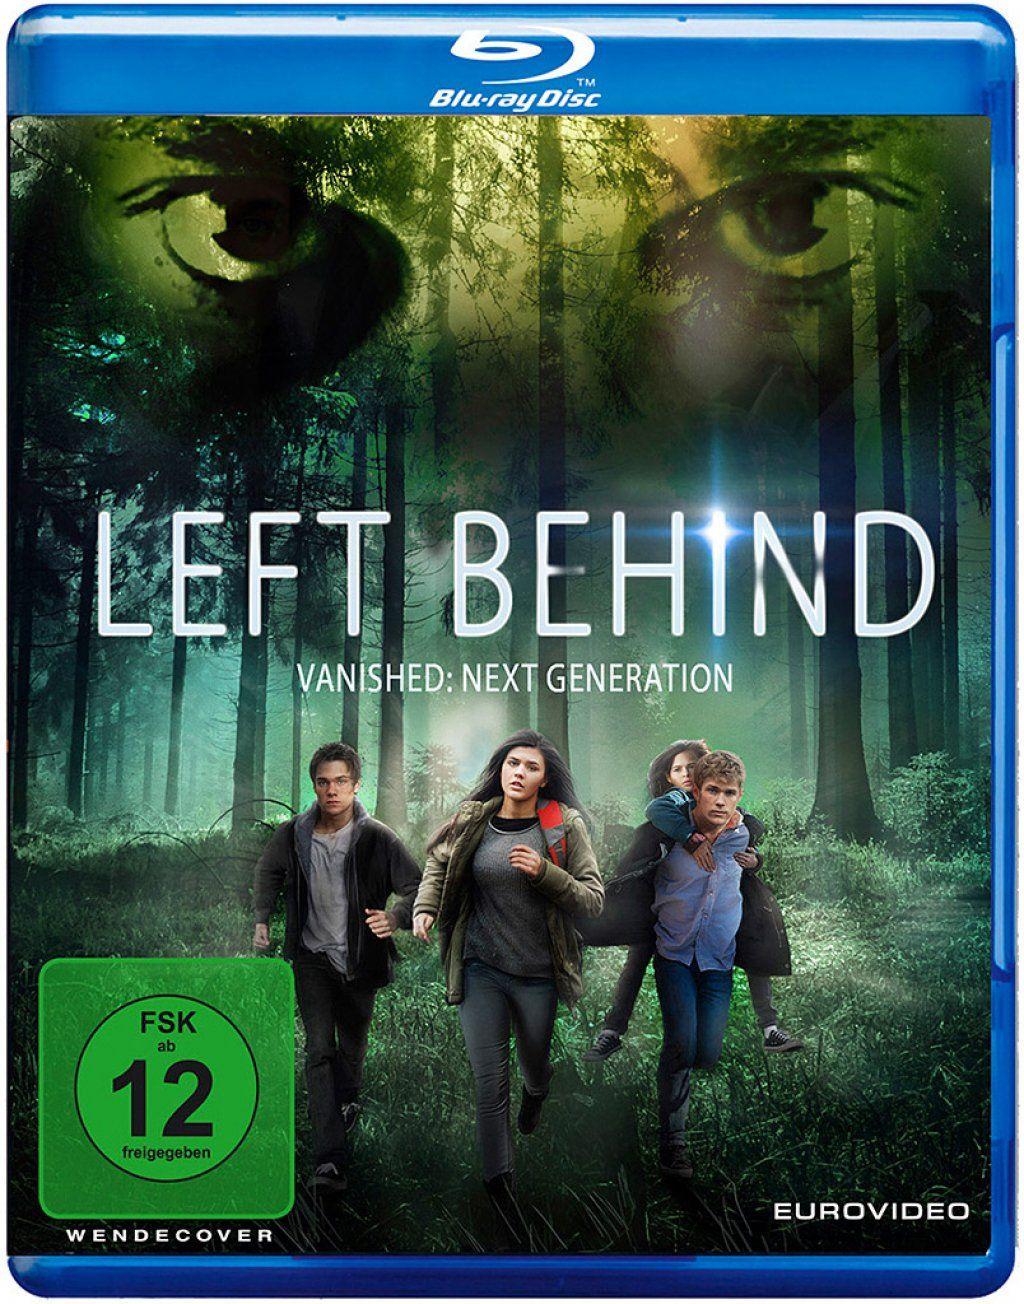 Left Behind - Vanished: Next Generation (BLURAY)